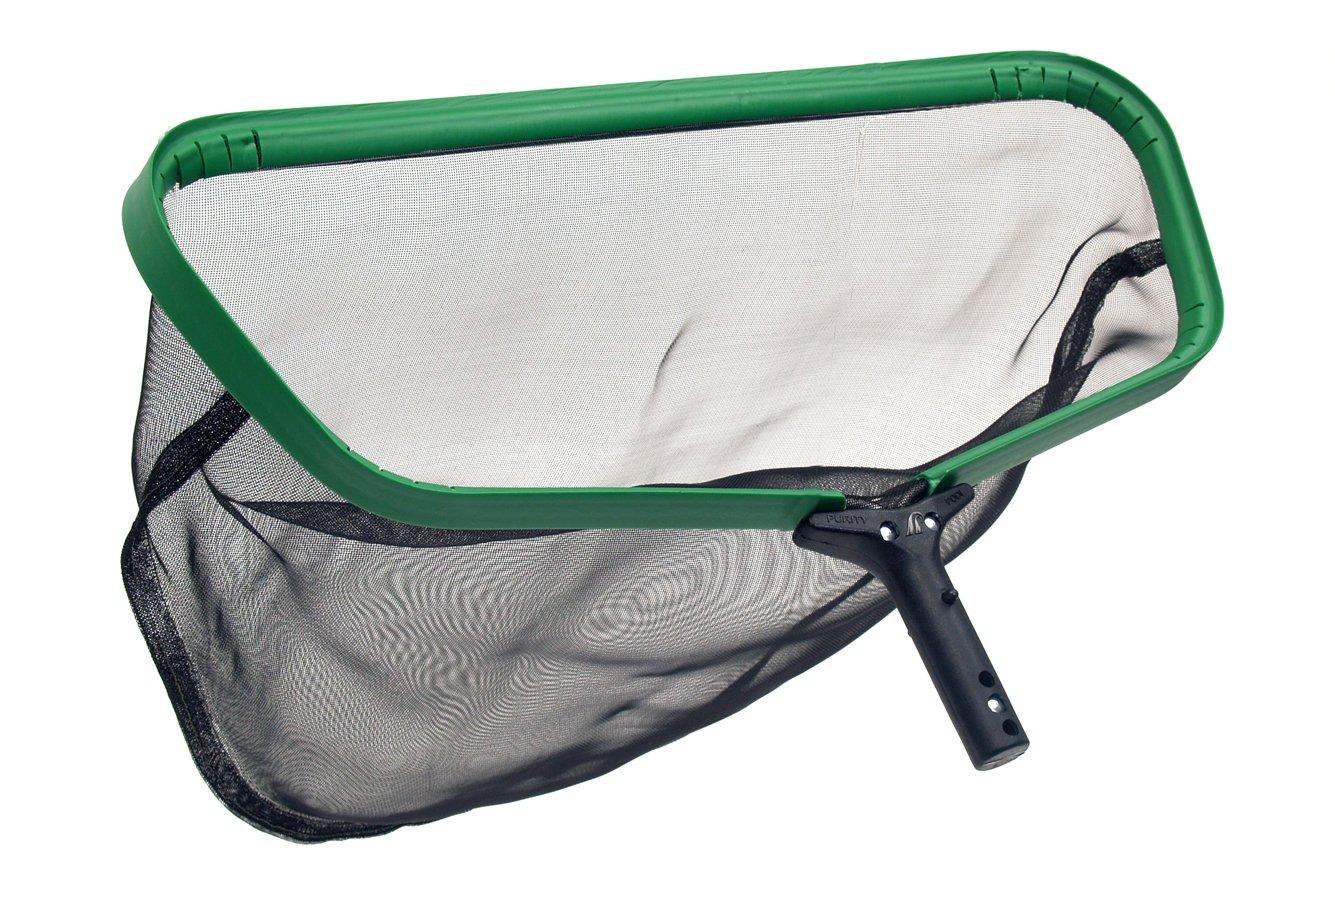 Purity Pool GTTD Gator 24-Inch Professional Leaf Rake, Tuff Duty Model